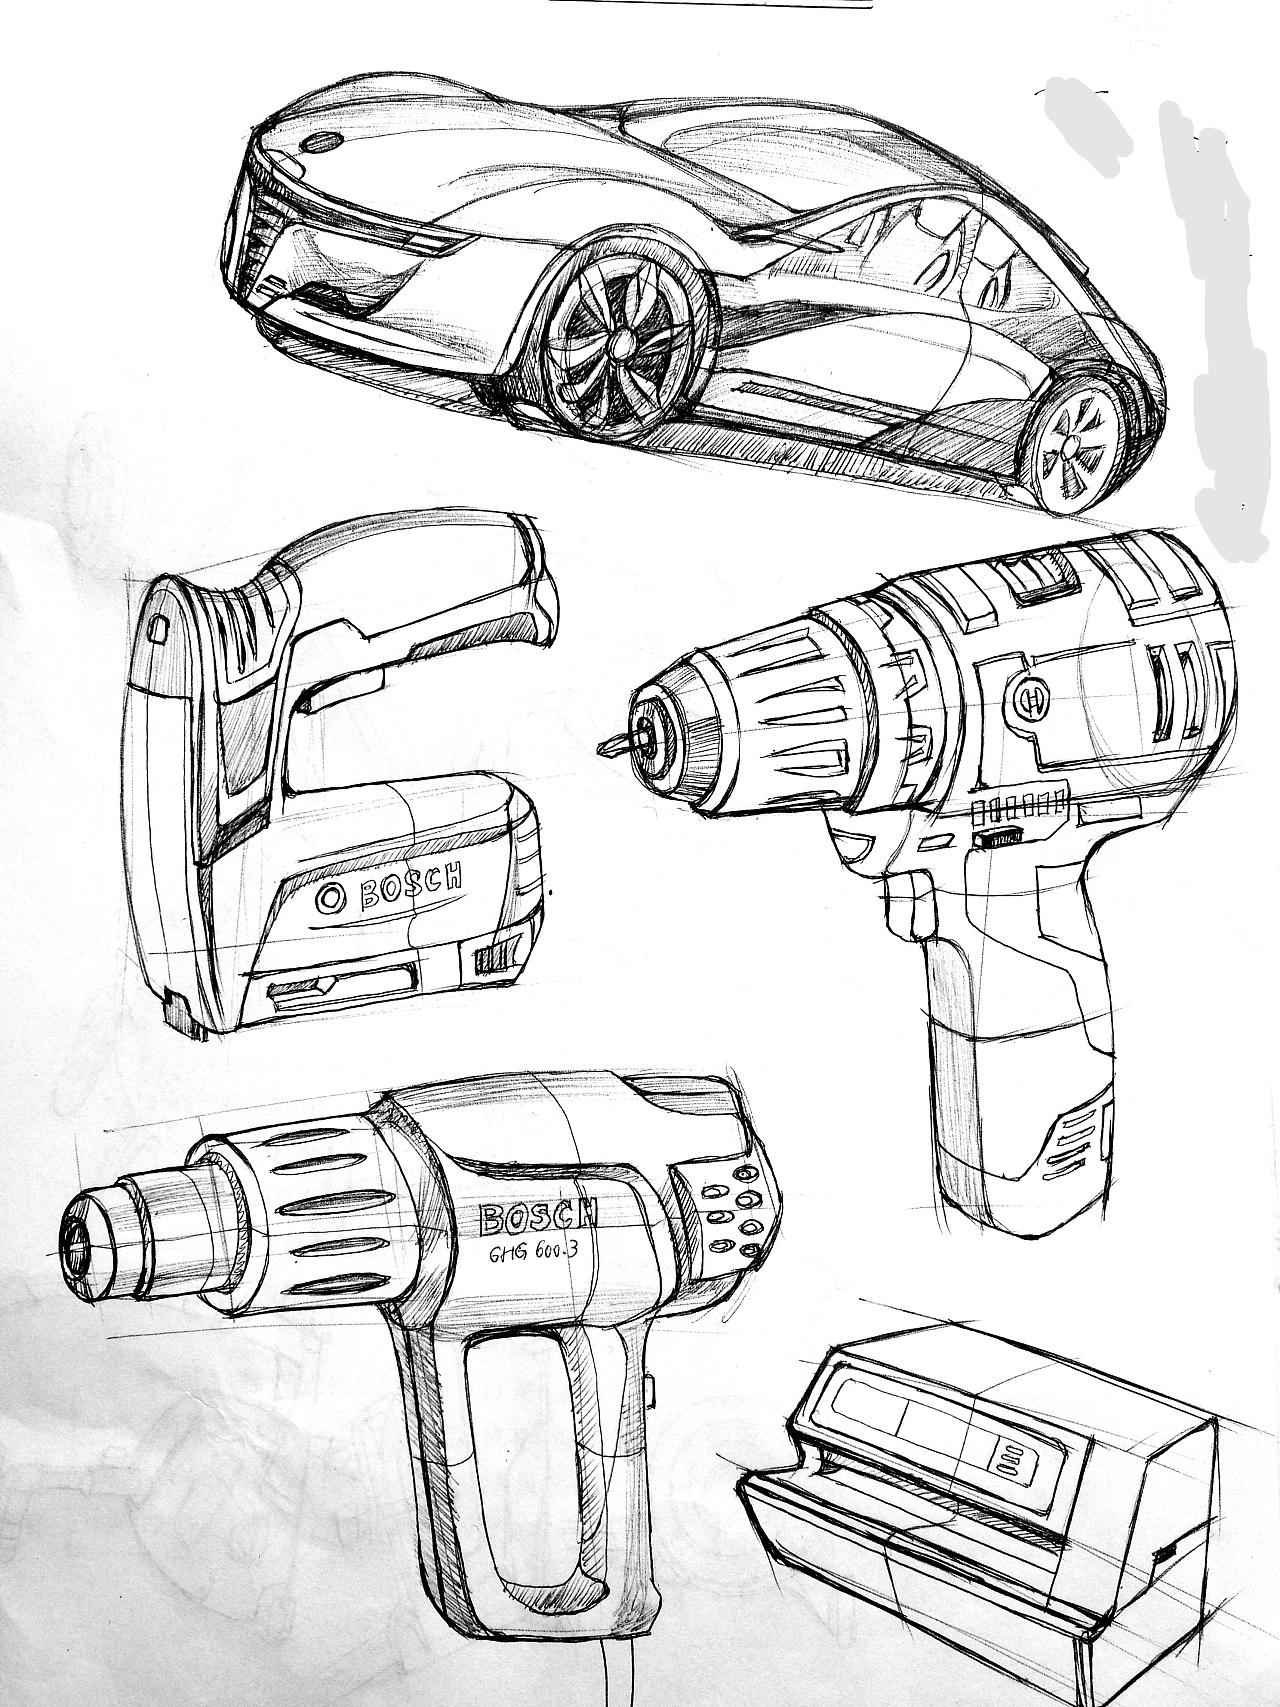 工业产品手绘_产品手绘练习|工业/产品|电子产品|g_memory - 原创作品 - 站酷 (ZCOOL)